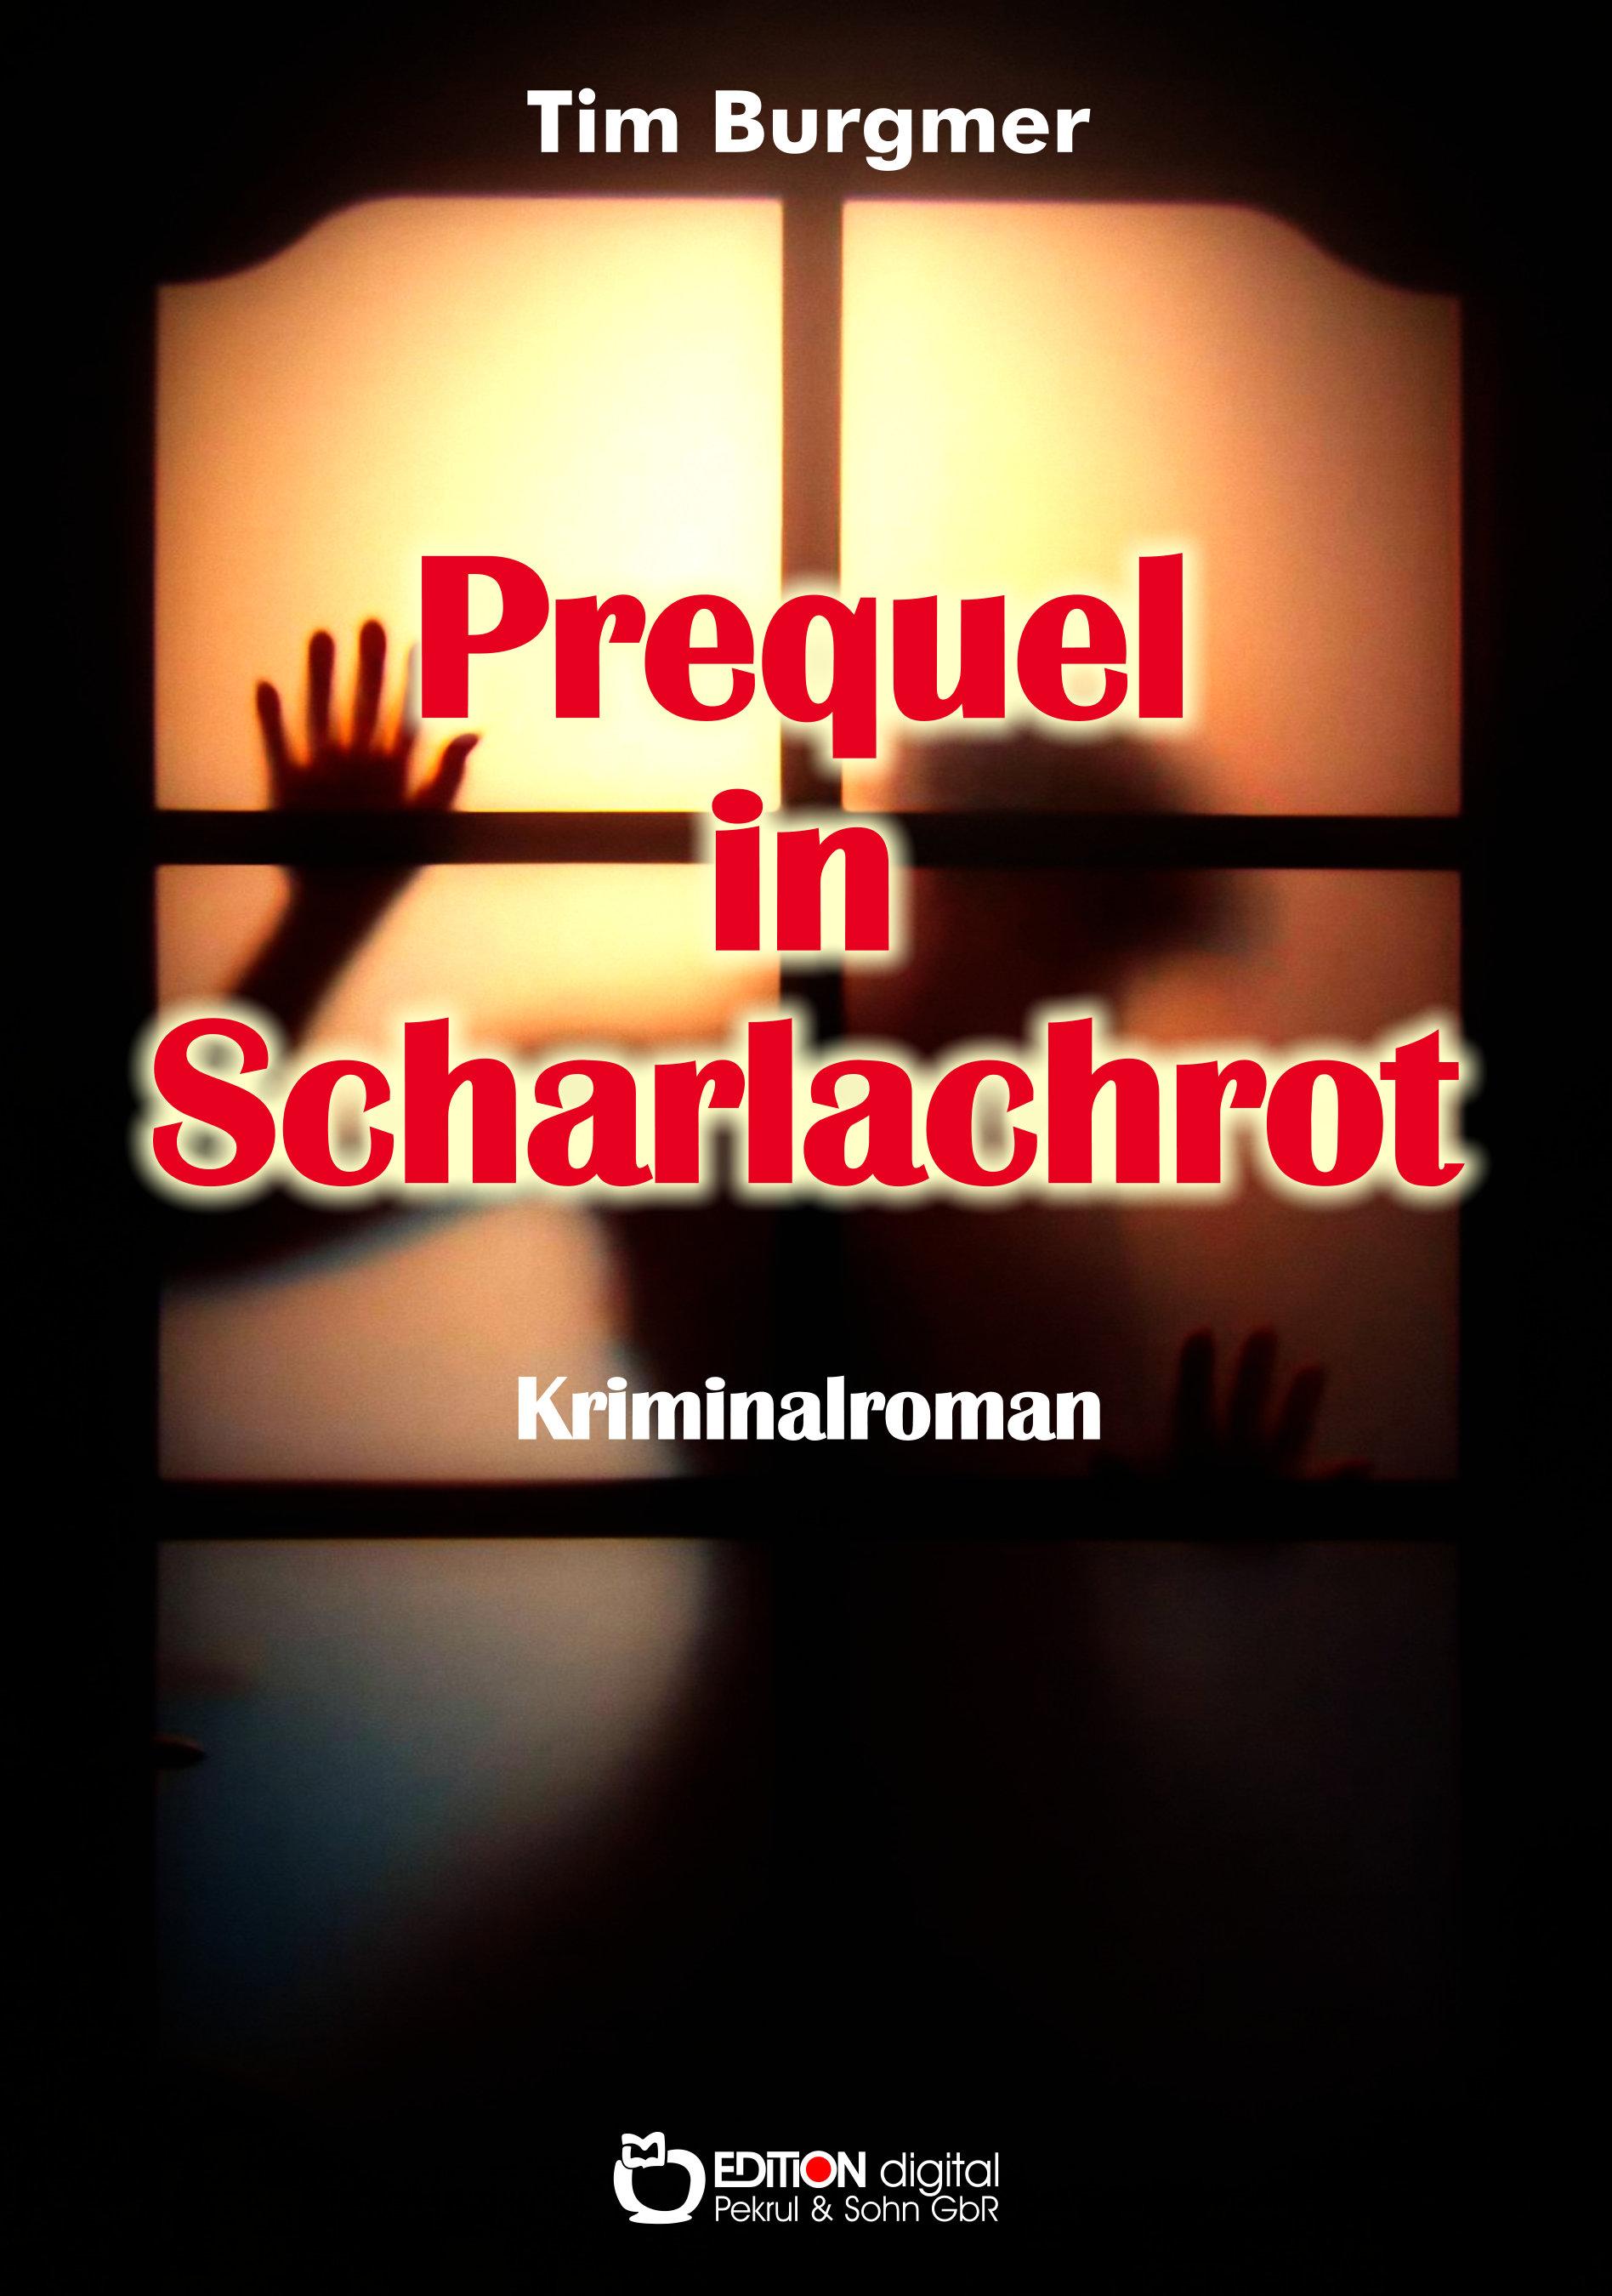 Prequel in Scharlachrot. Kriminalroman von Tim Burgmer